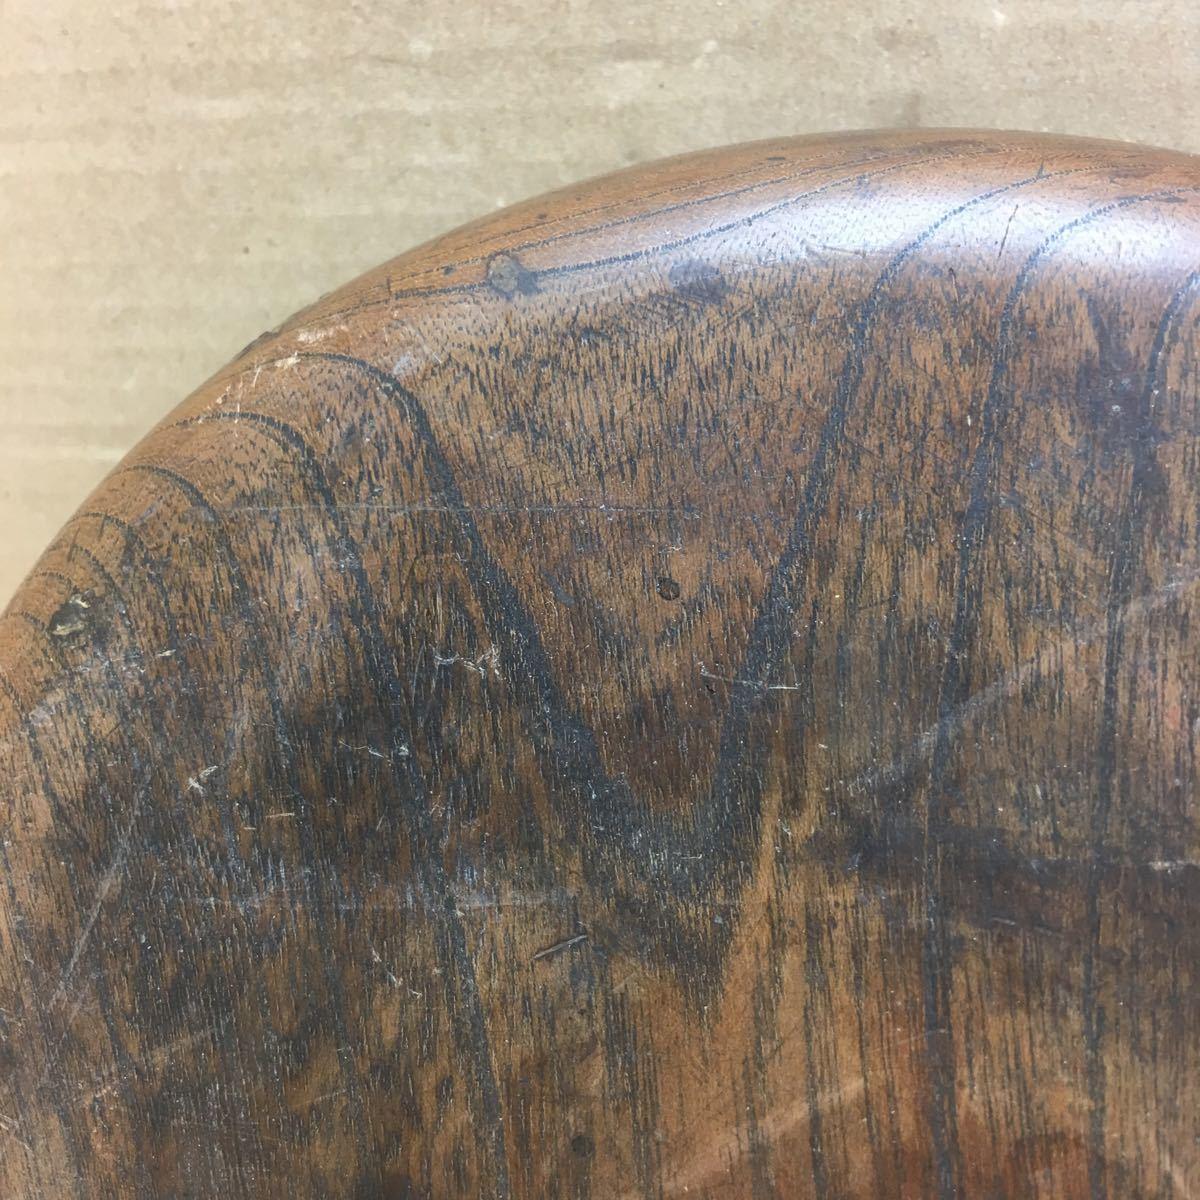 丸盆 煎茶道具 お盆 無垢材木目が美しい煎茶盆 刳り貫き茶盆 時代古民具 古美術 古道具 直径約24cm_画像9